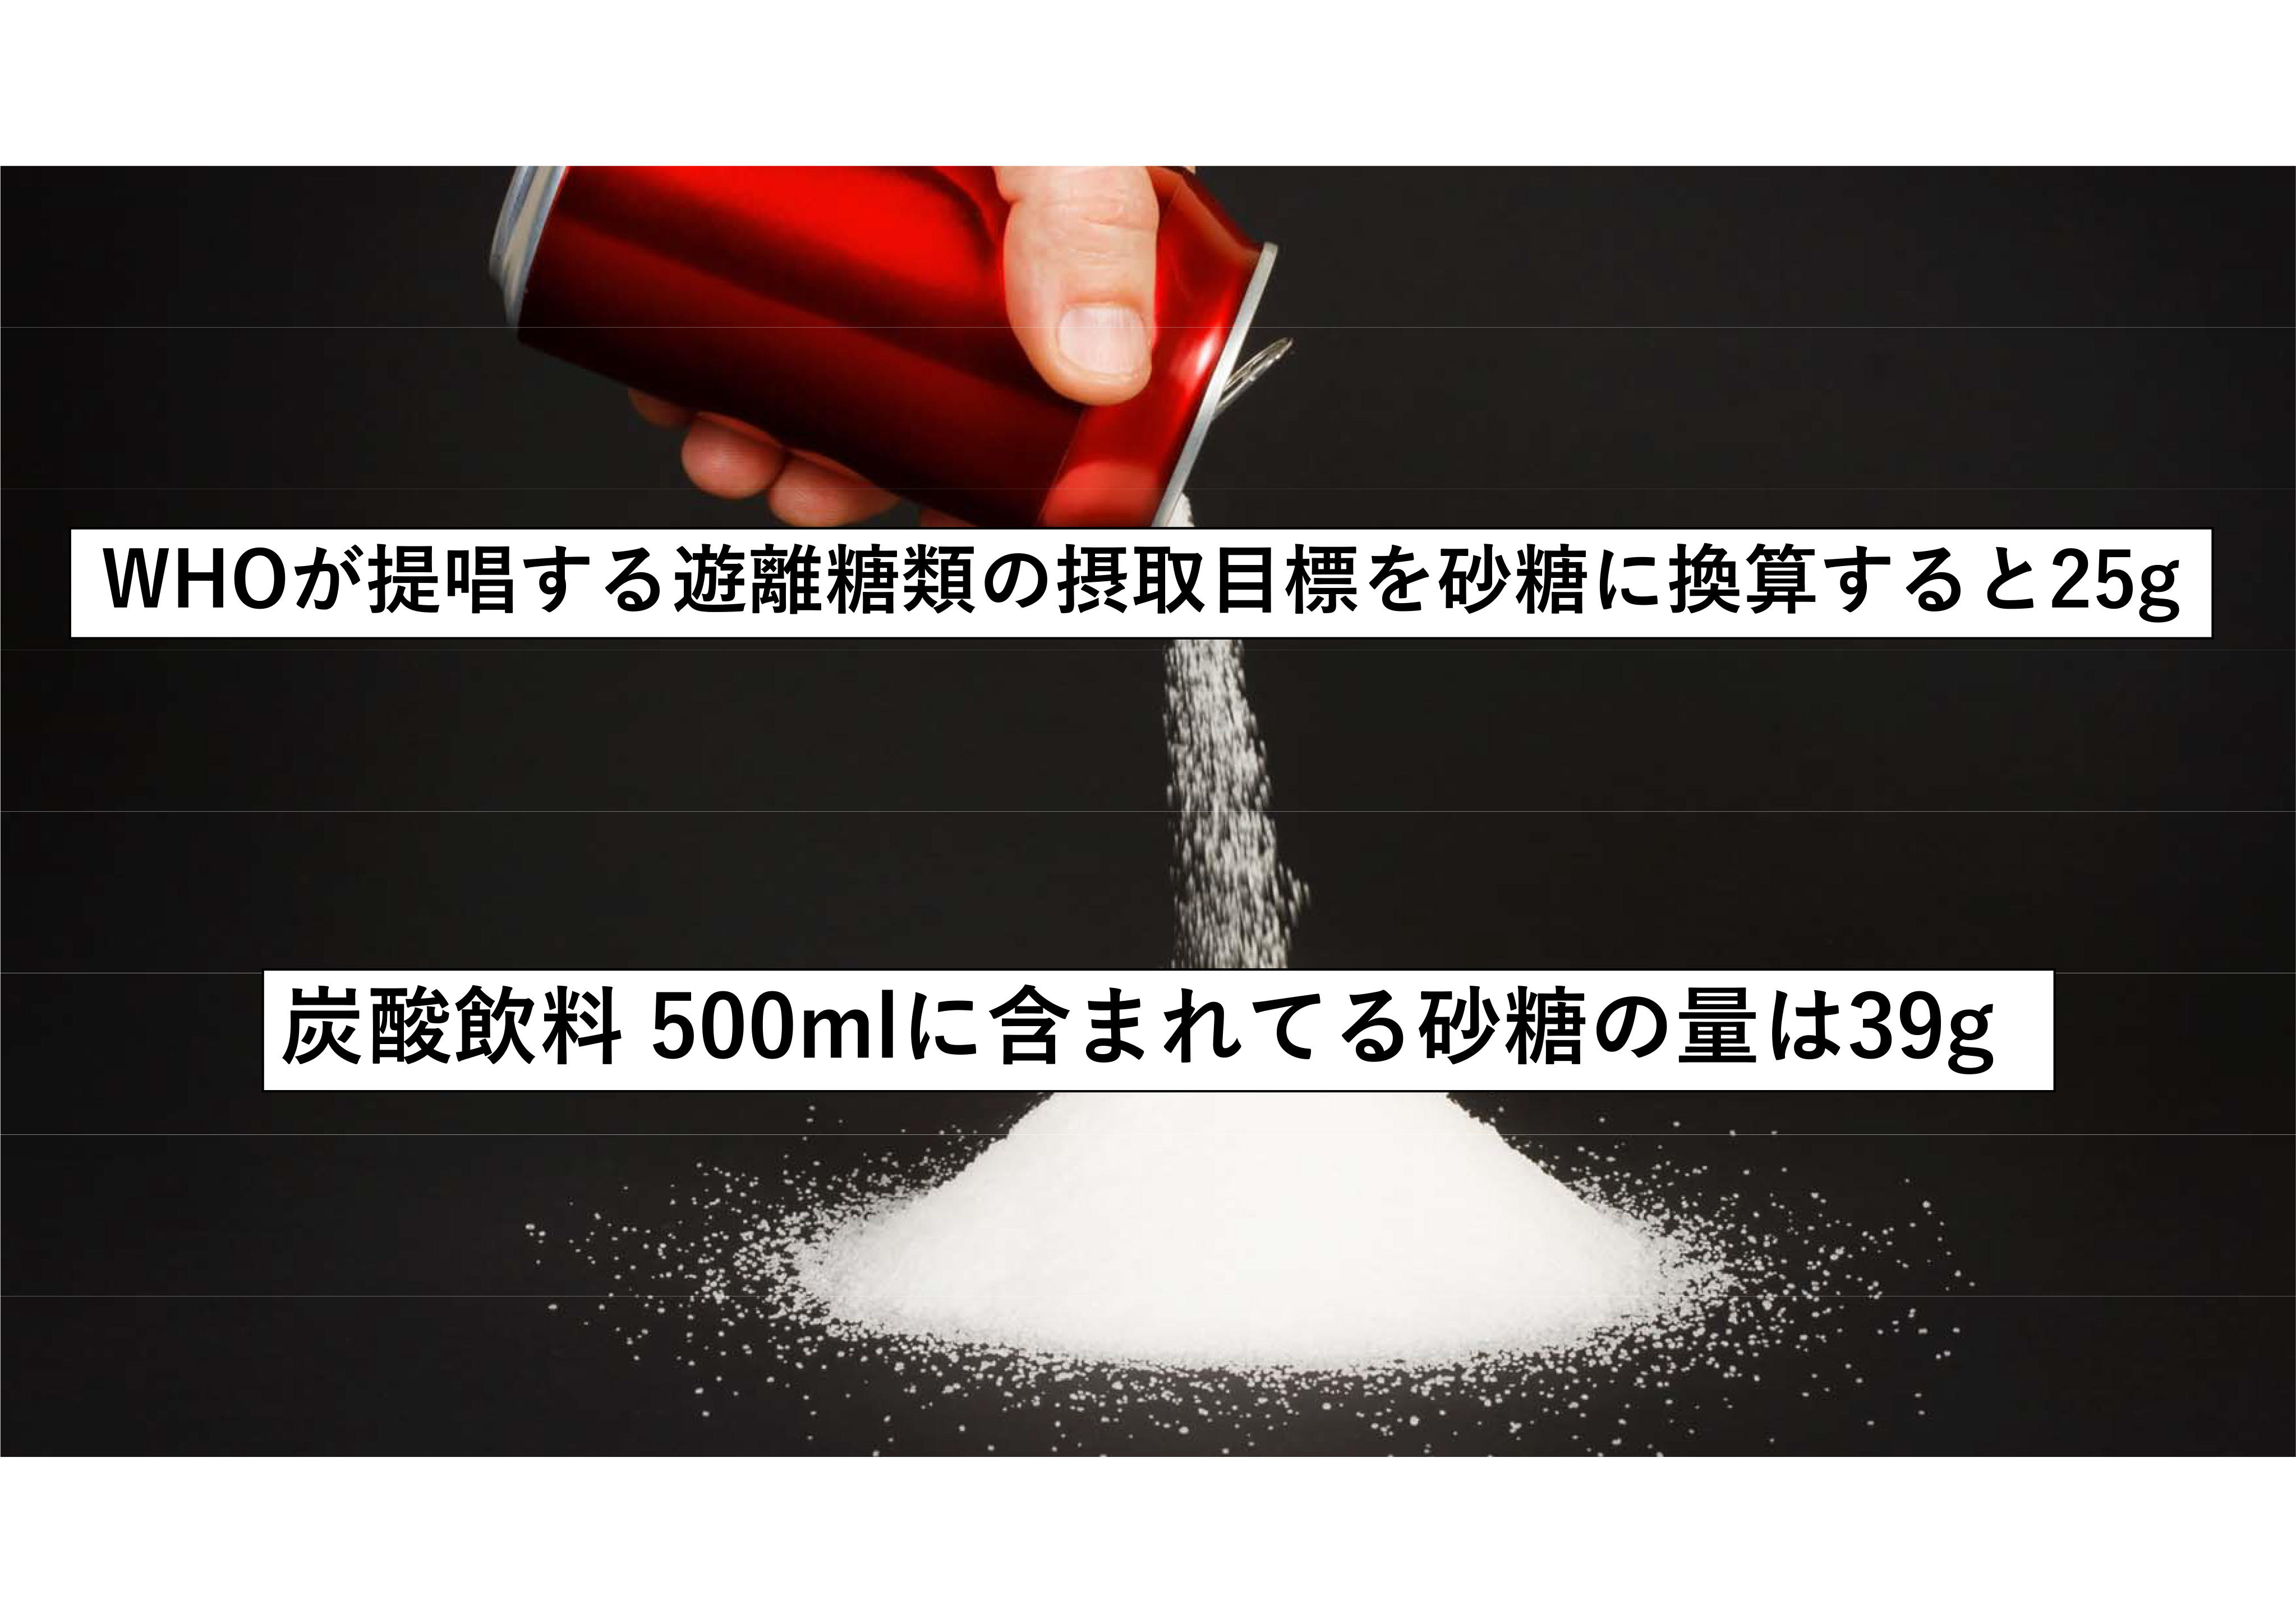 https://blogs.itmedia.co.jp/yasusasaki/c16faf178e03c965281df70c3421e93b72e6c655.jpg